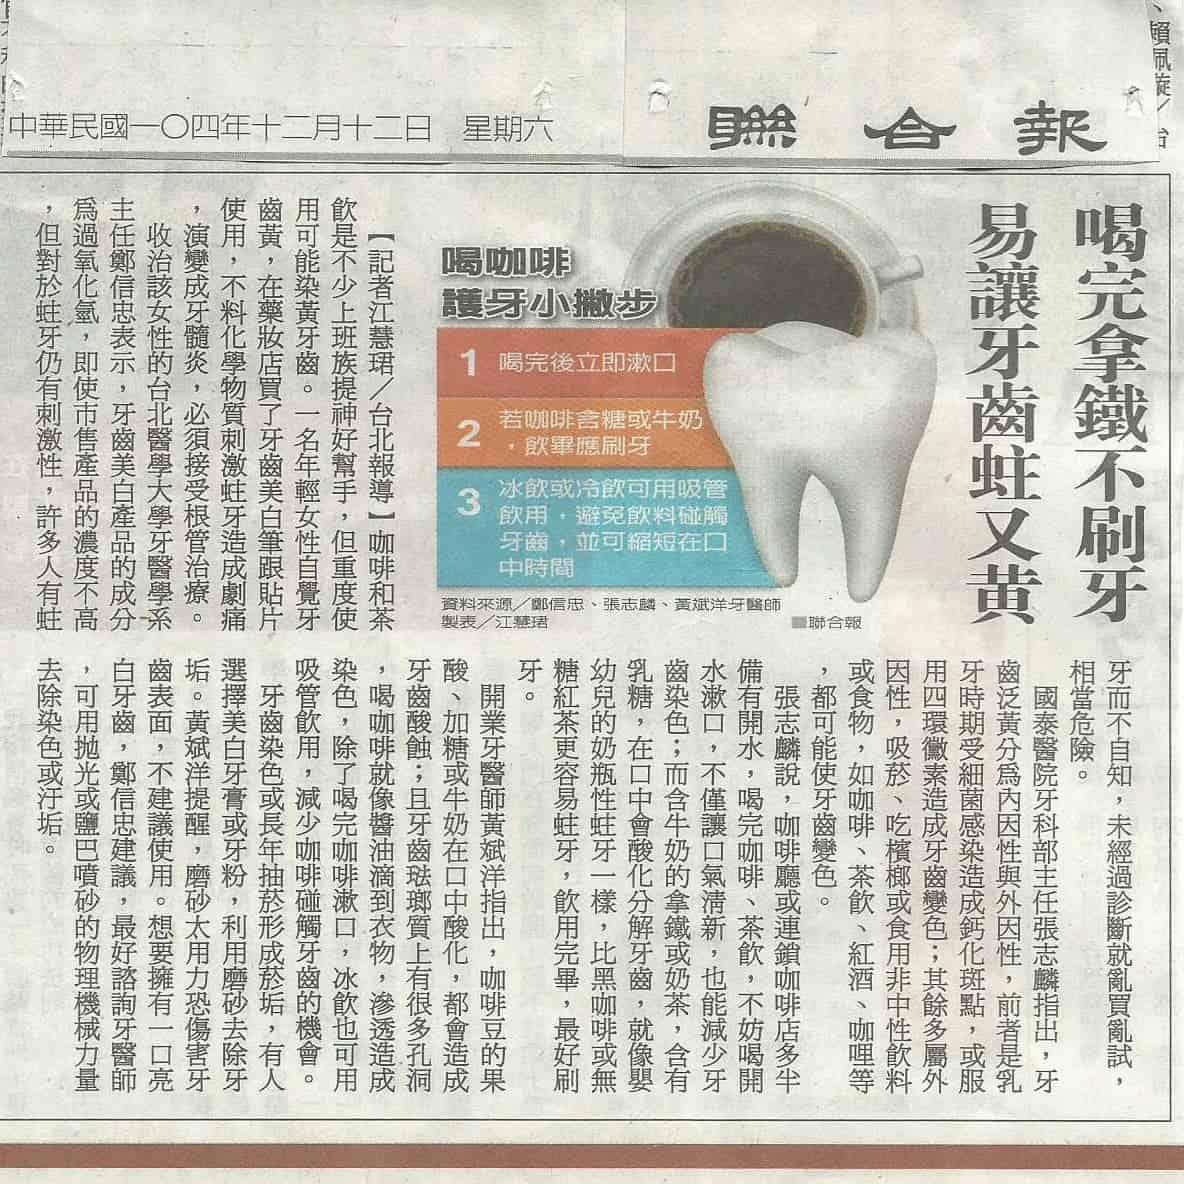 拿鐵喝完不刷牙-易讓牙齒蛀又黃-聯合報UDN元氣網-柏登牙醫衛教資訊